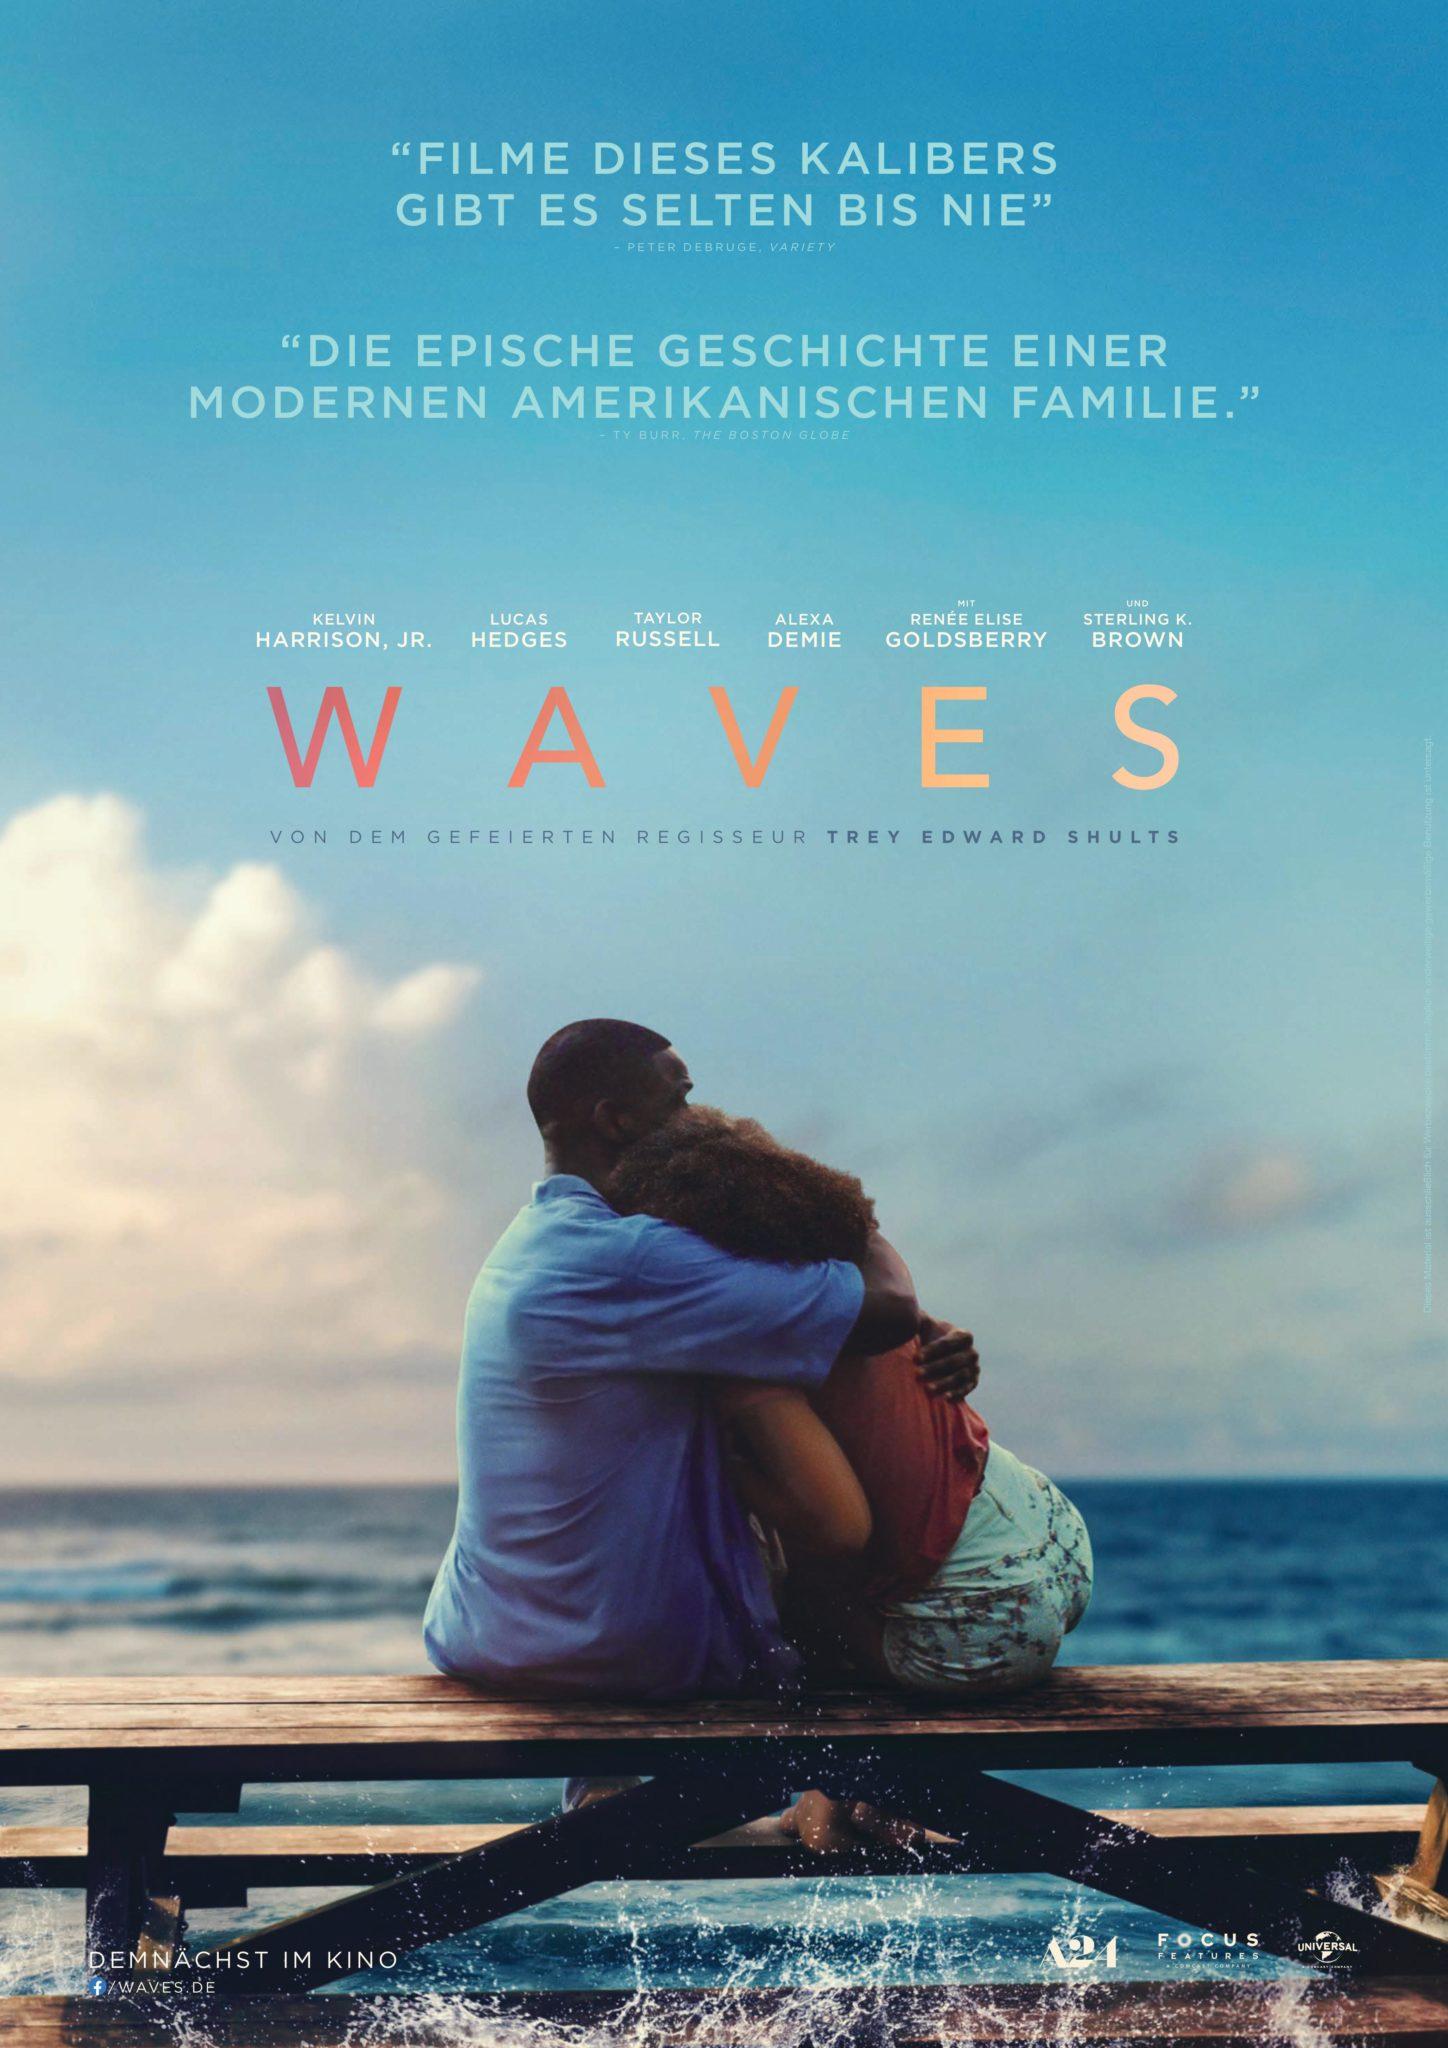 Rupert (Sterling K. Brown) sitzt mit seiner Tochter (Taylor Russell) im Arm auf einer Bank vor dem Meer. Das Poster zeigt den Titel WAVES in goldenen Buchstaben.